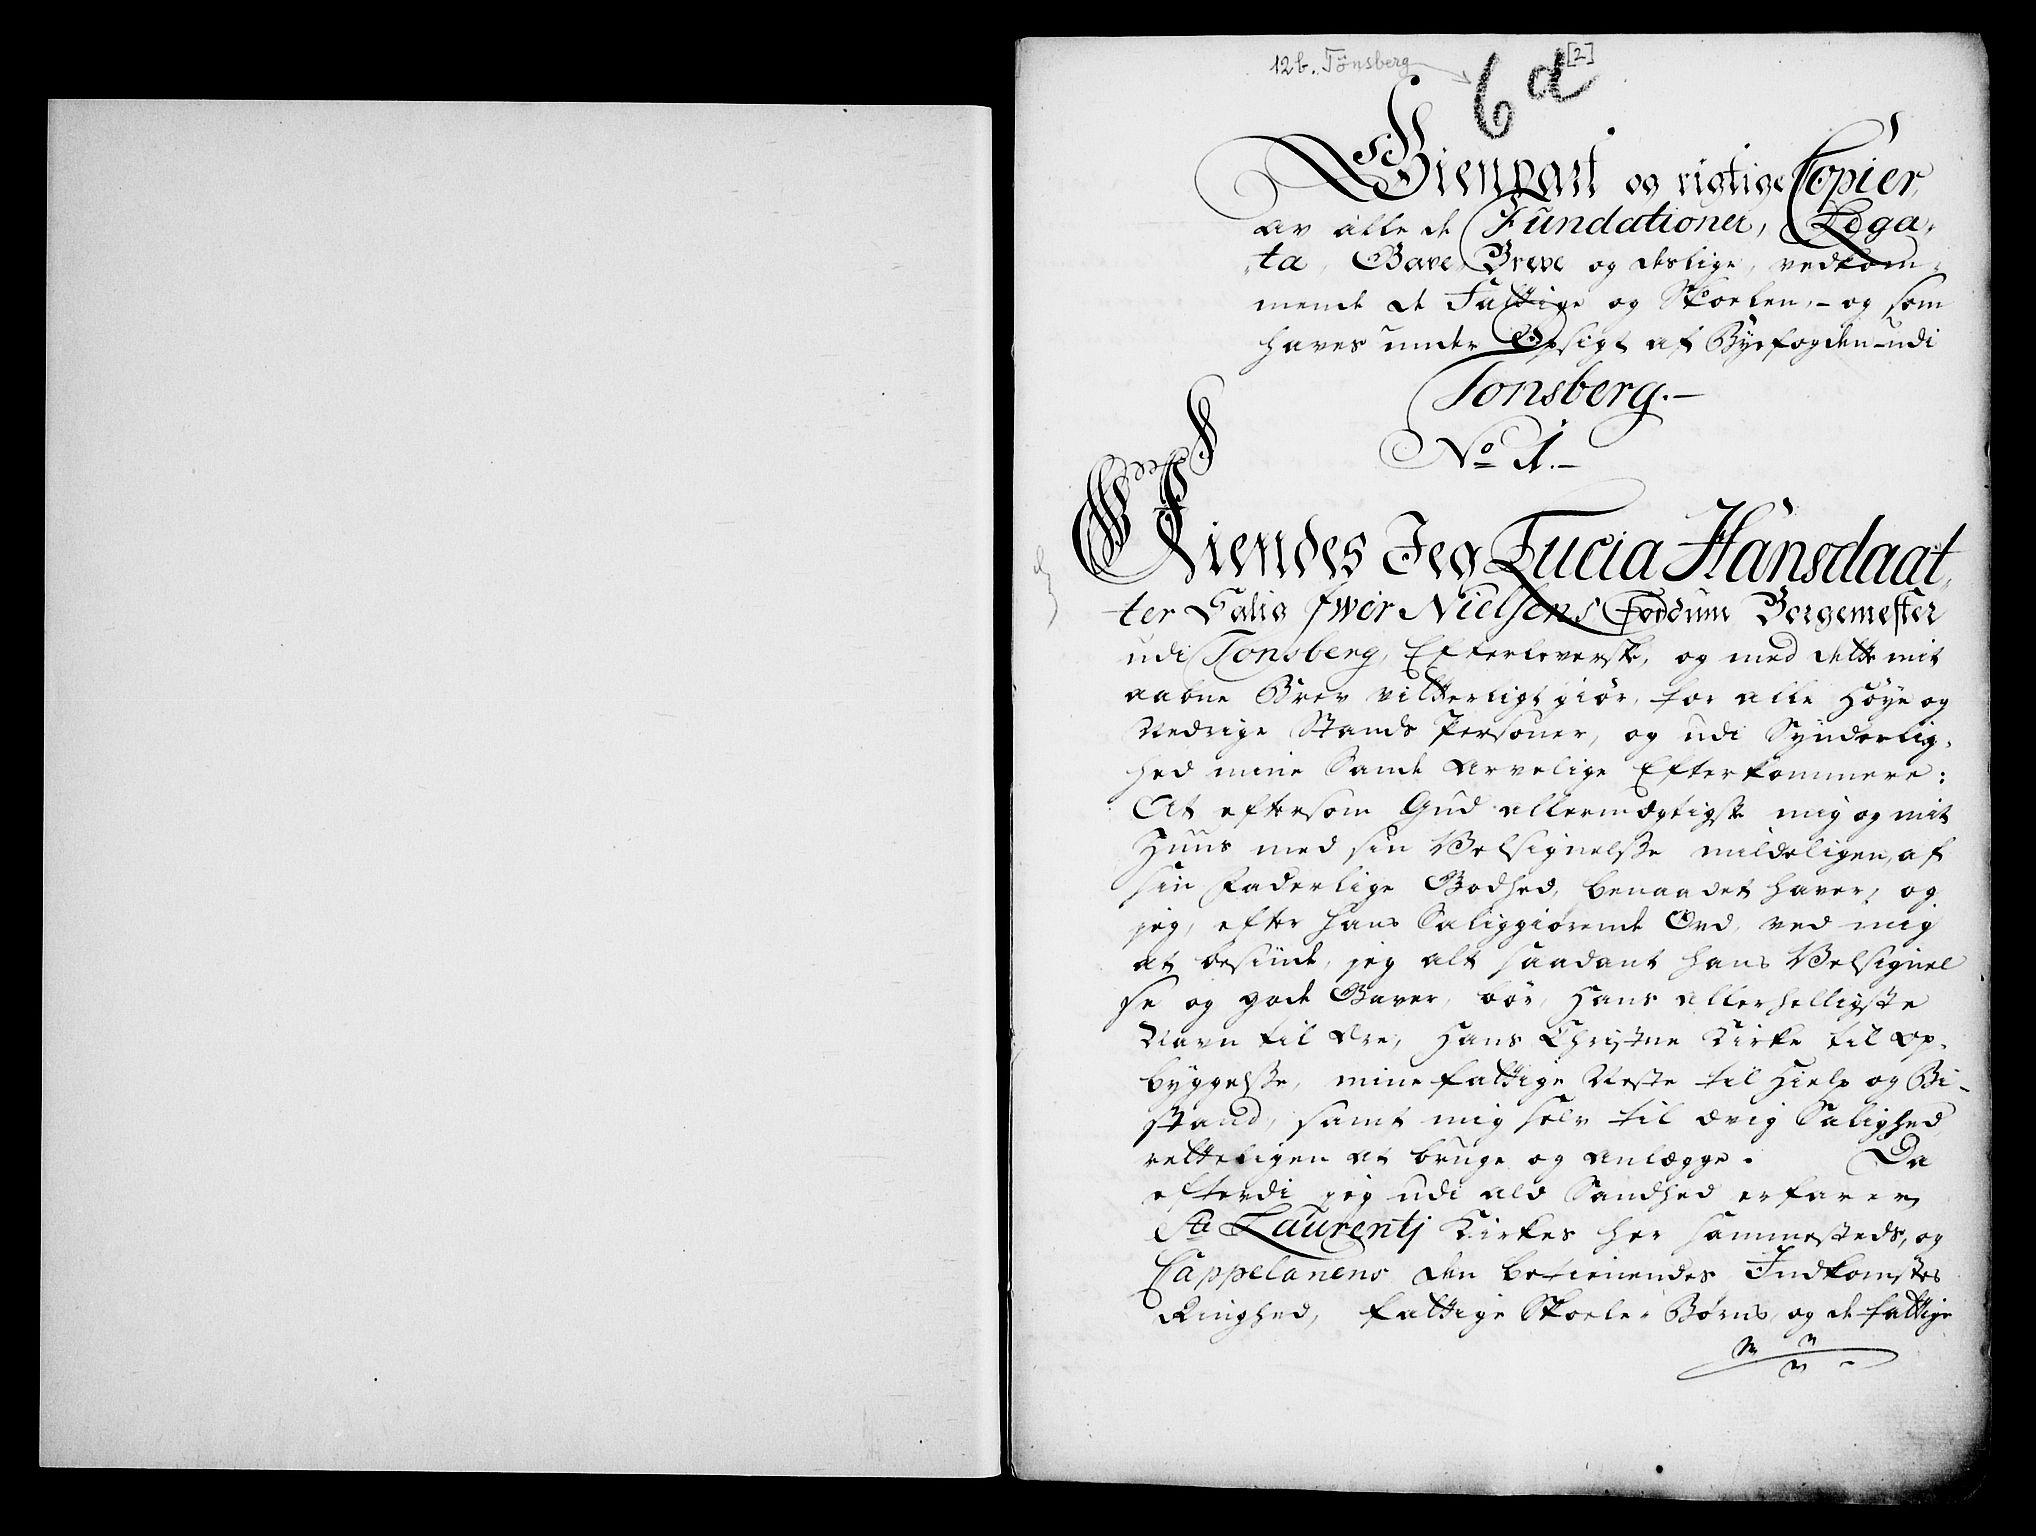 RA, Danske Kanselli, Skapsaker, G/L0019: Tillegg til skapsakene, 1616-1753, s. 355